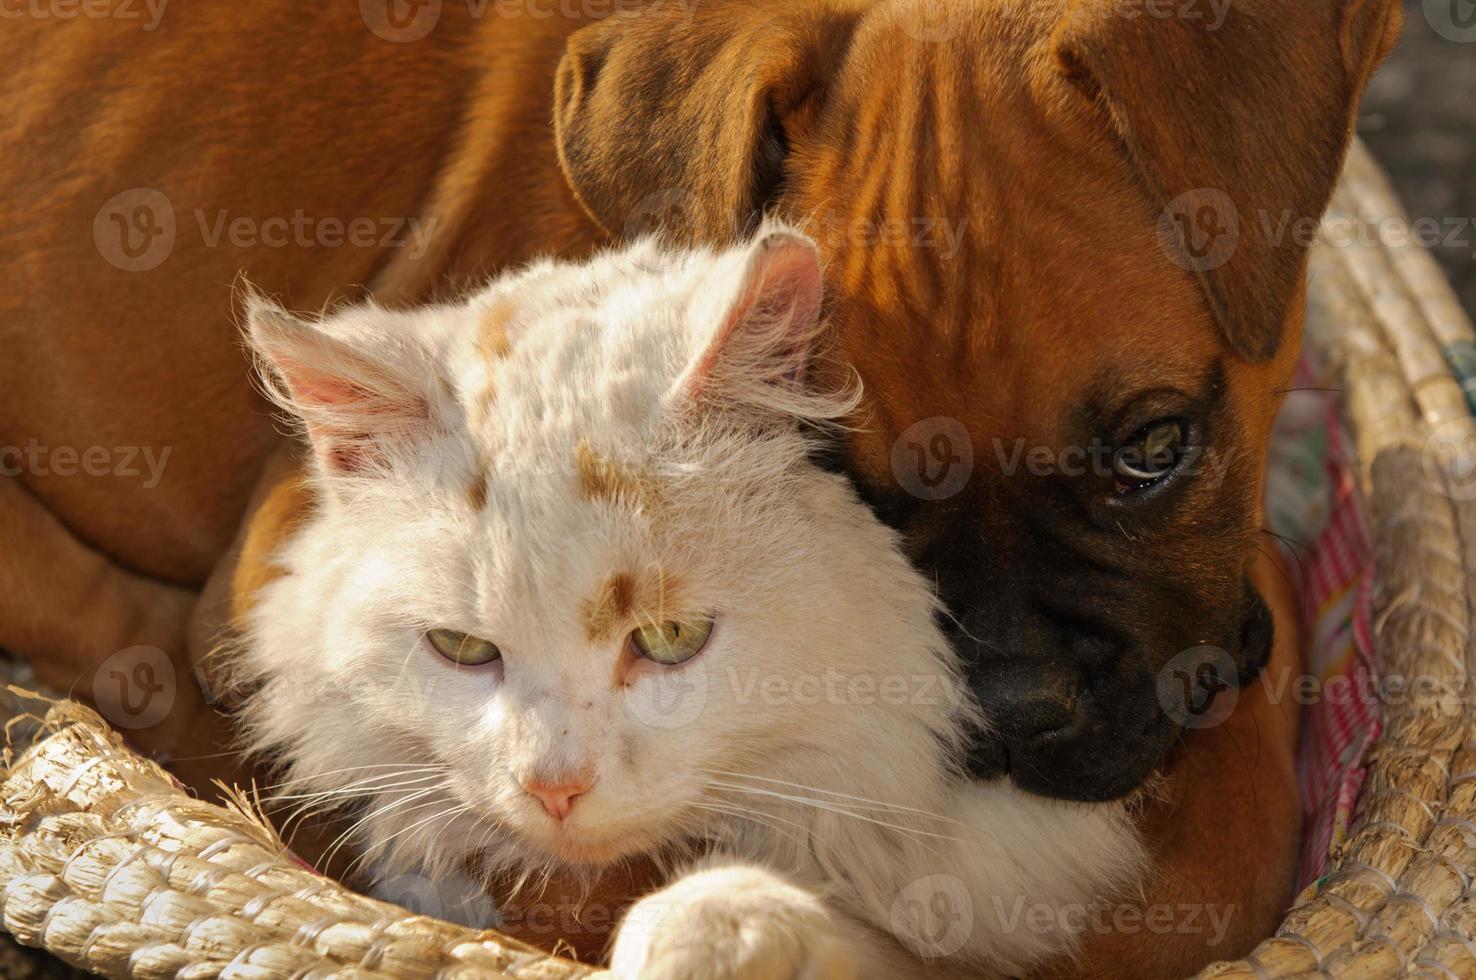 come cani e gatti foto